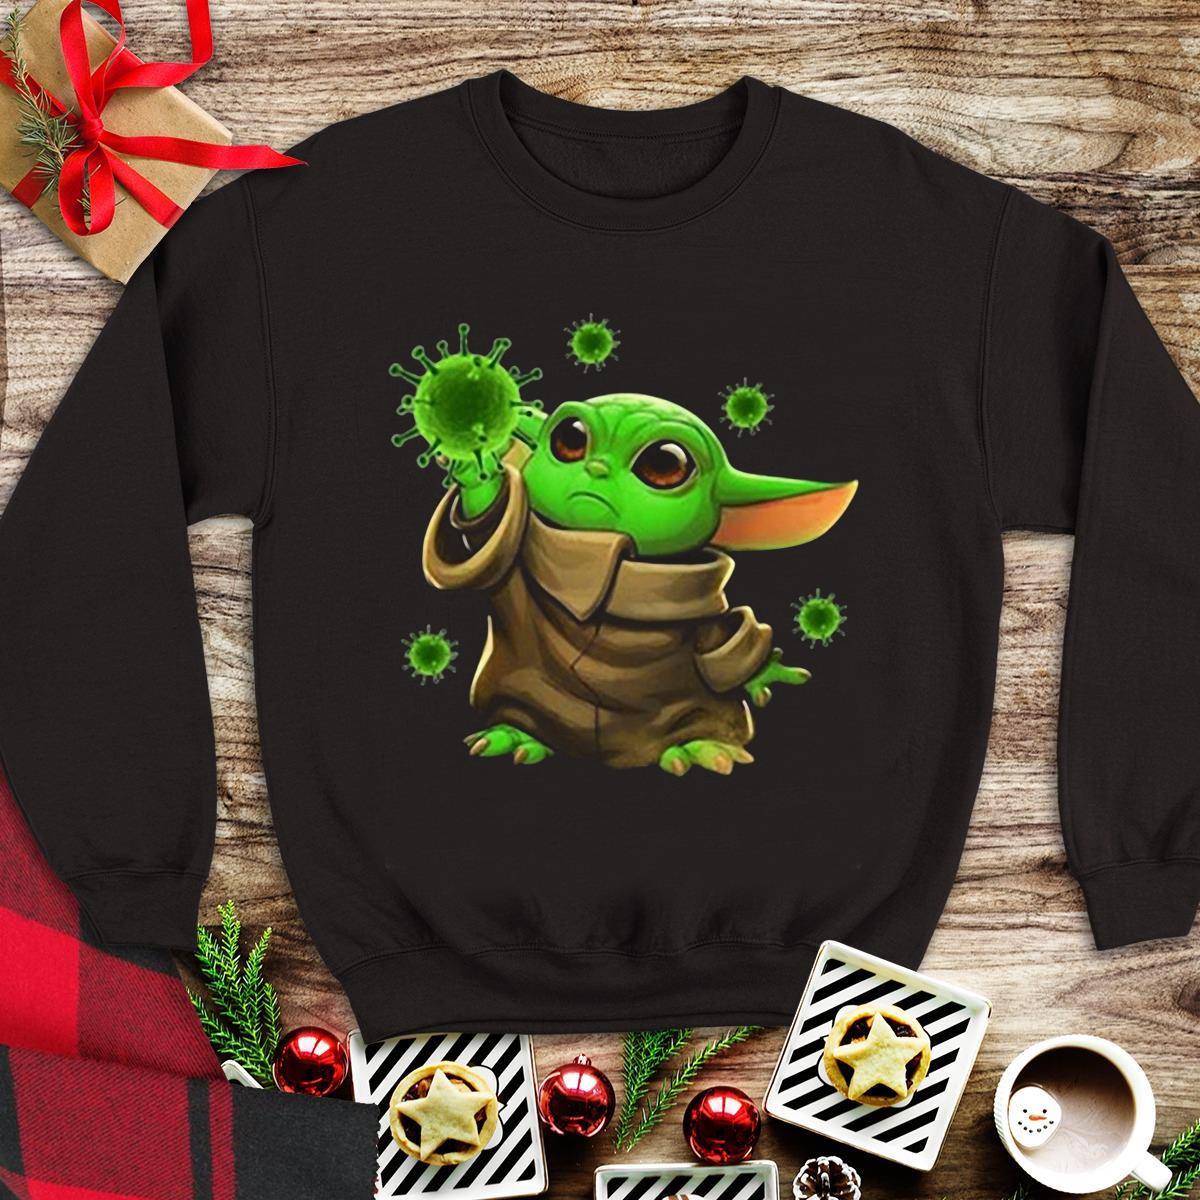 Awesome Coronavirus Merch Baby Yoda Shirt 1 1.jpg